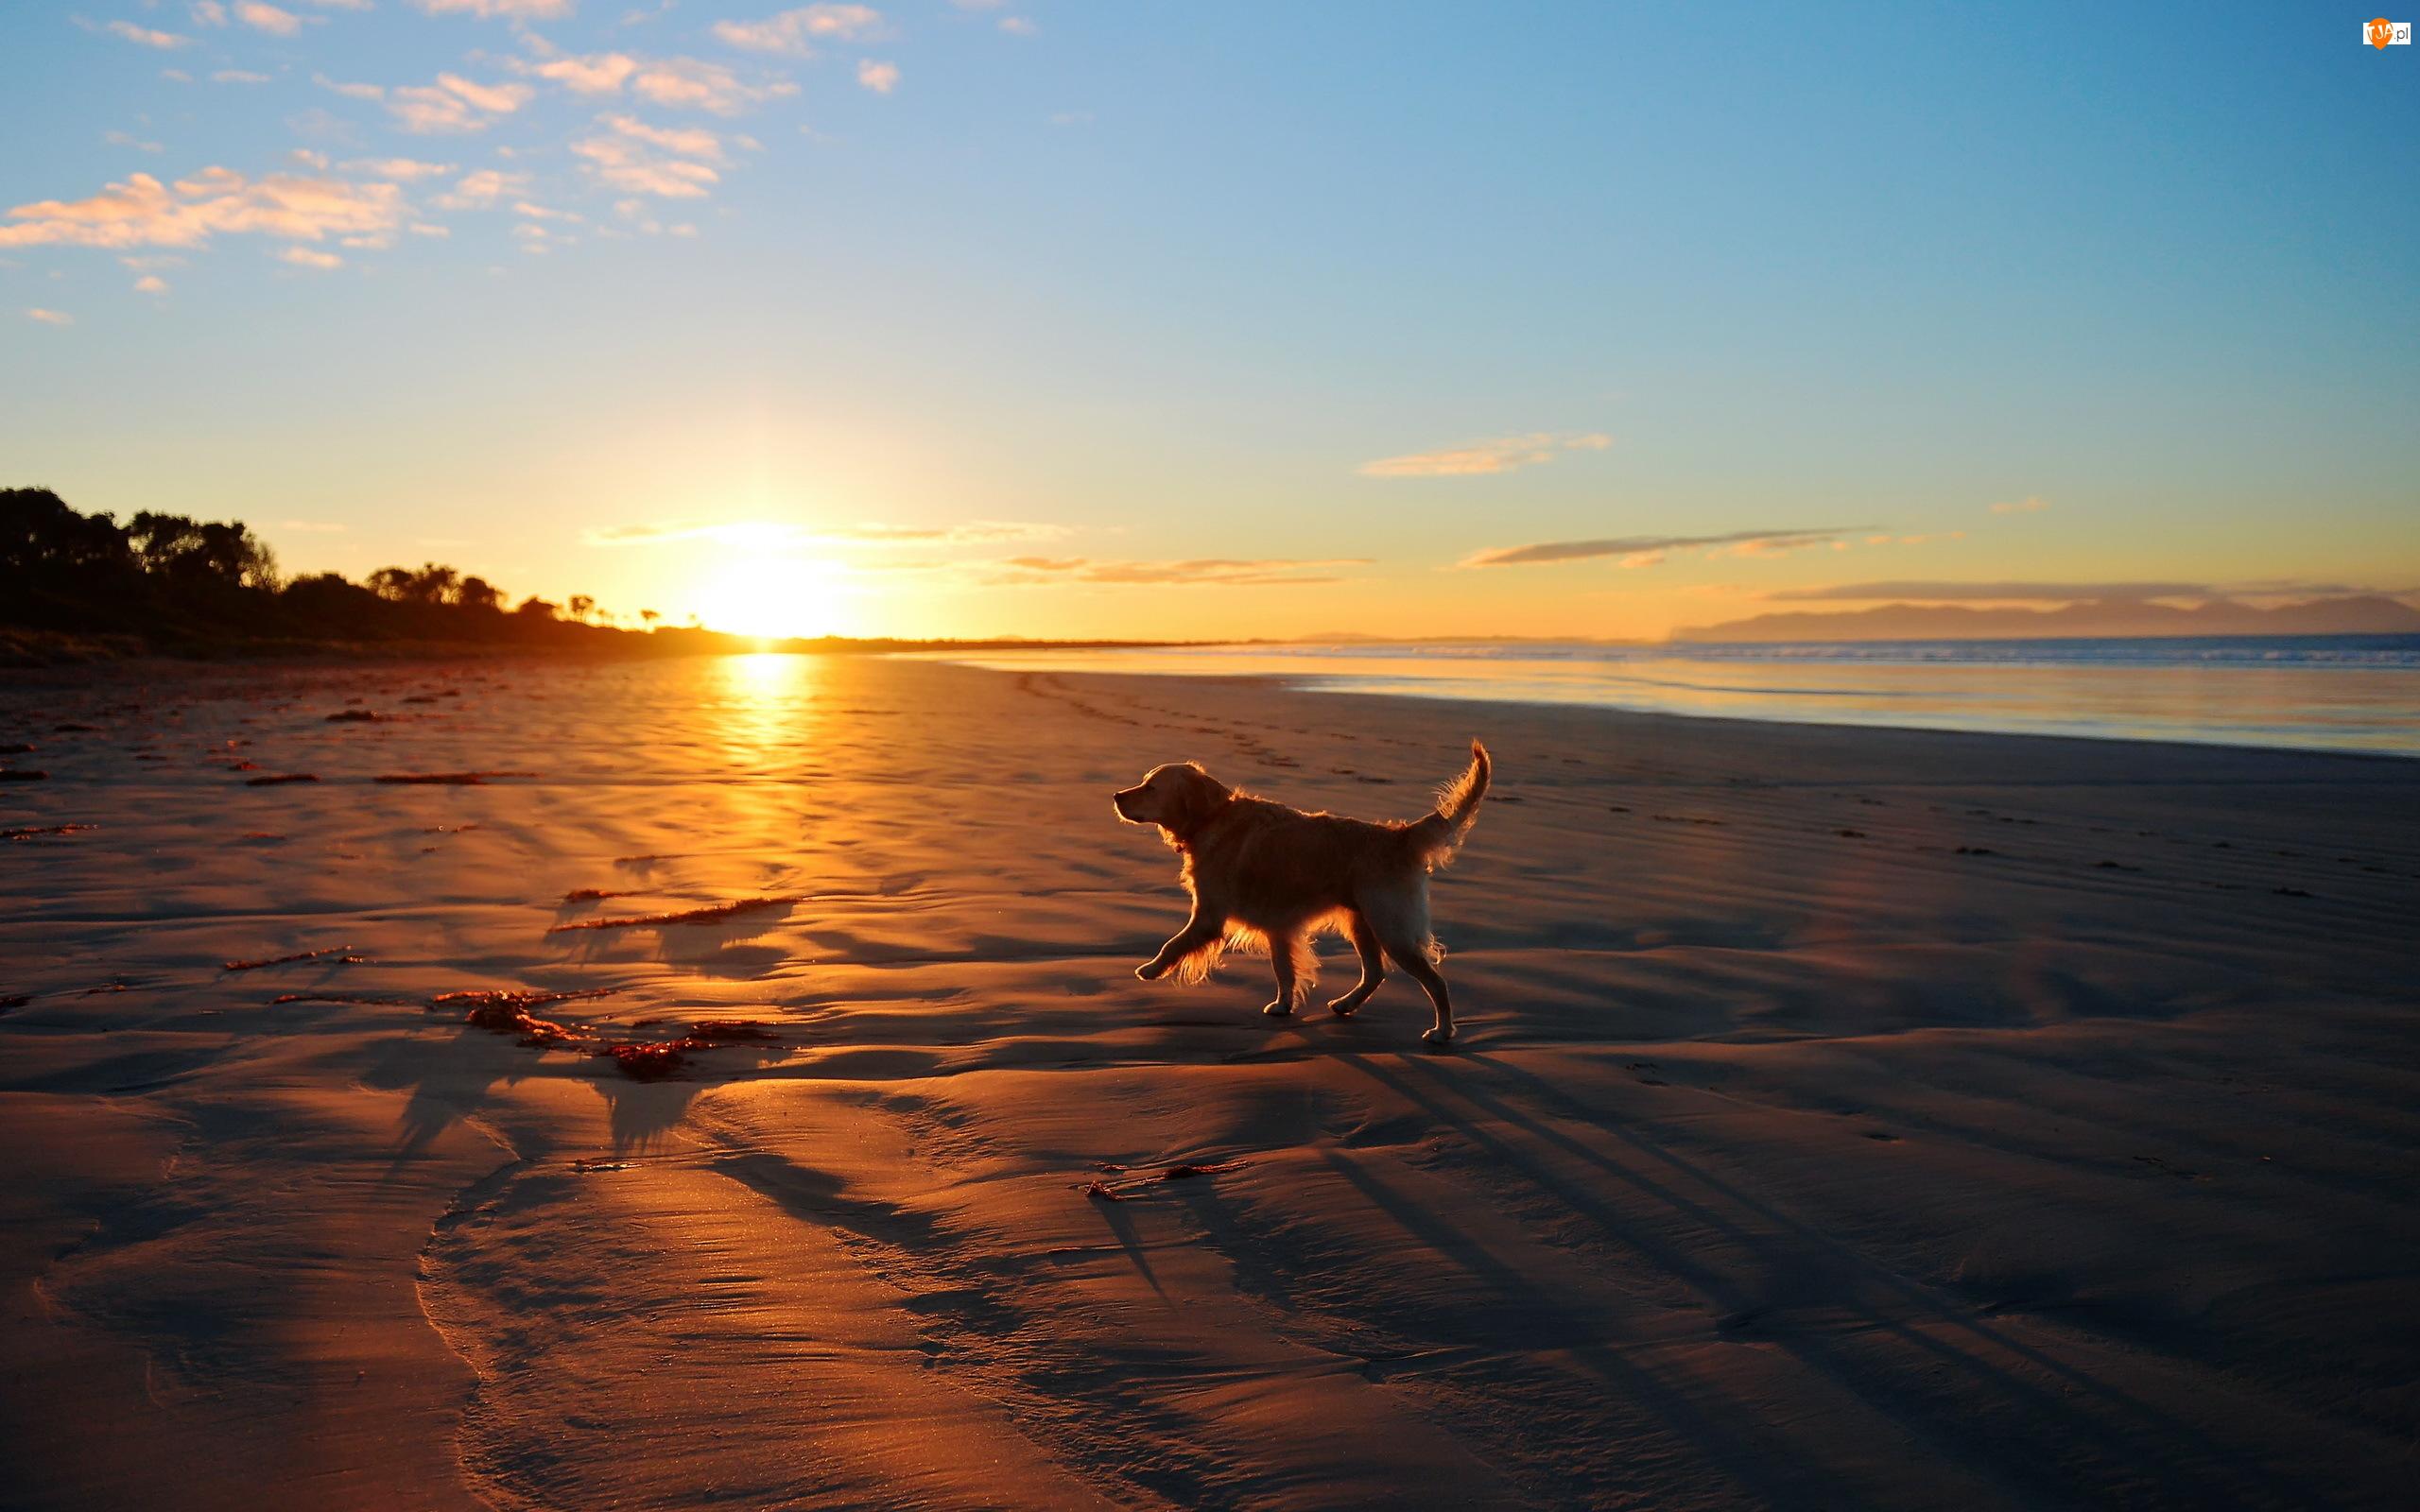 Golden Retriever, Plaża, Wschód Słońca